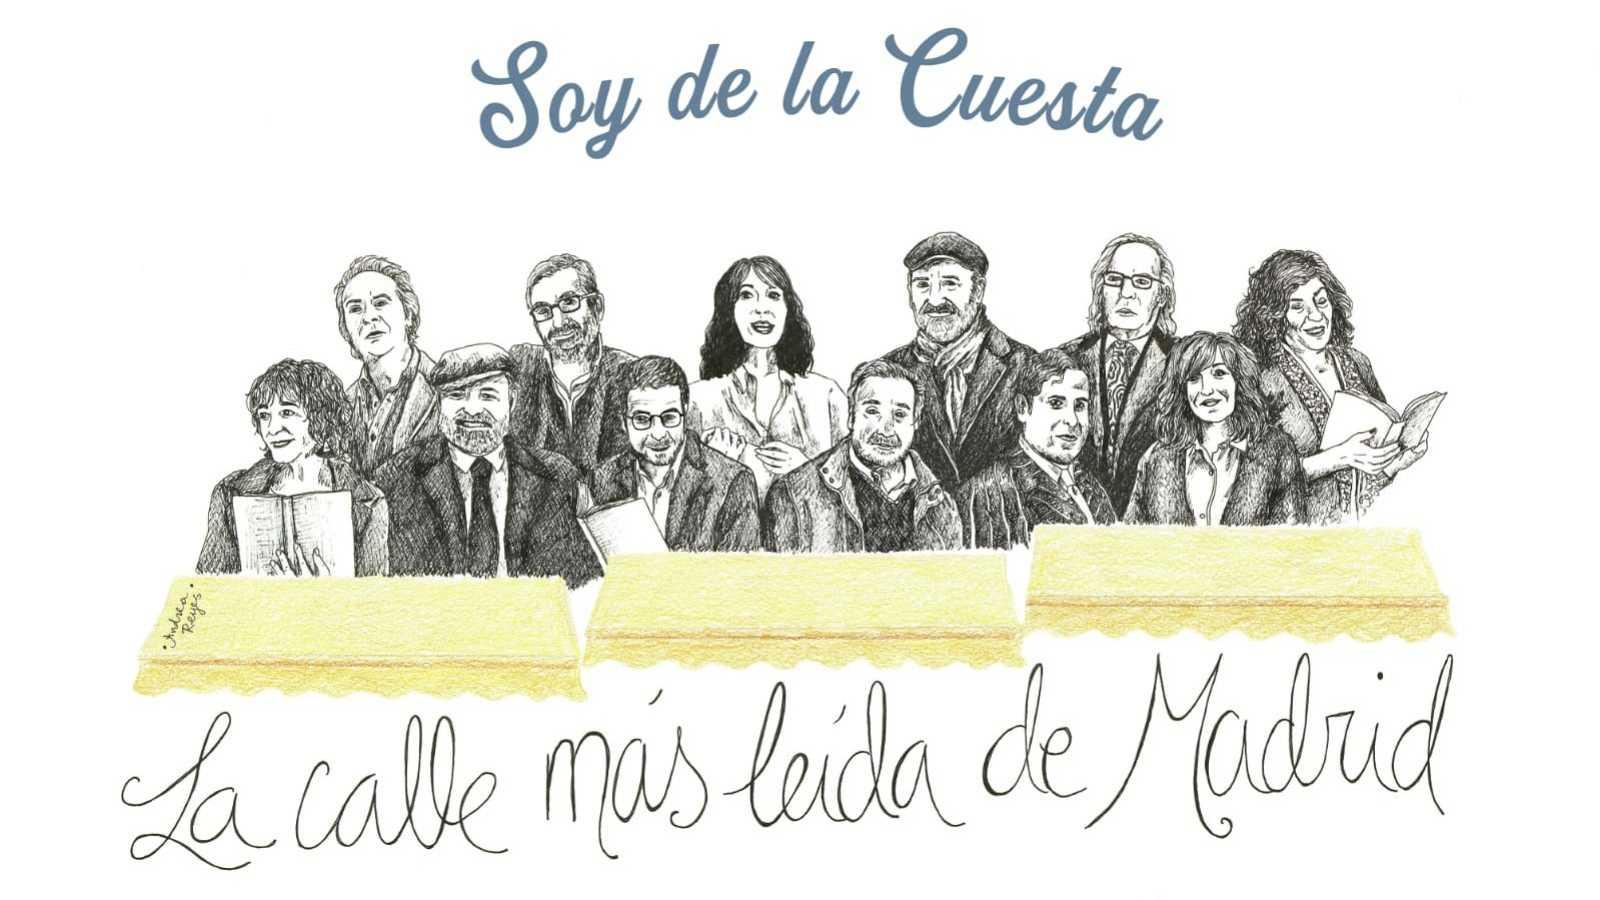 La sala - Benito Pérez Galdós, Emilia Pardo Bazán y sus cartas de amor en la Cuesta de Moyano - 01/12/20 - Escuchar ahora